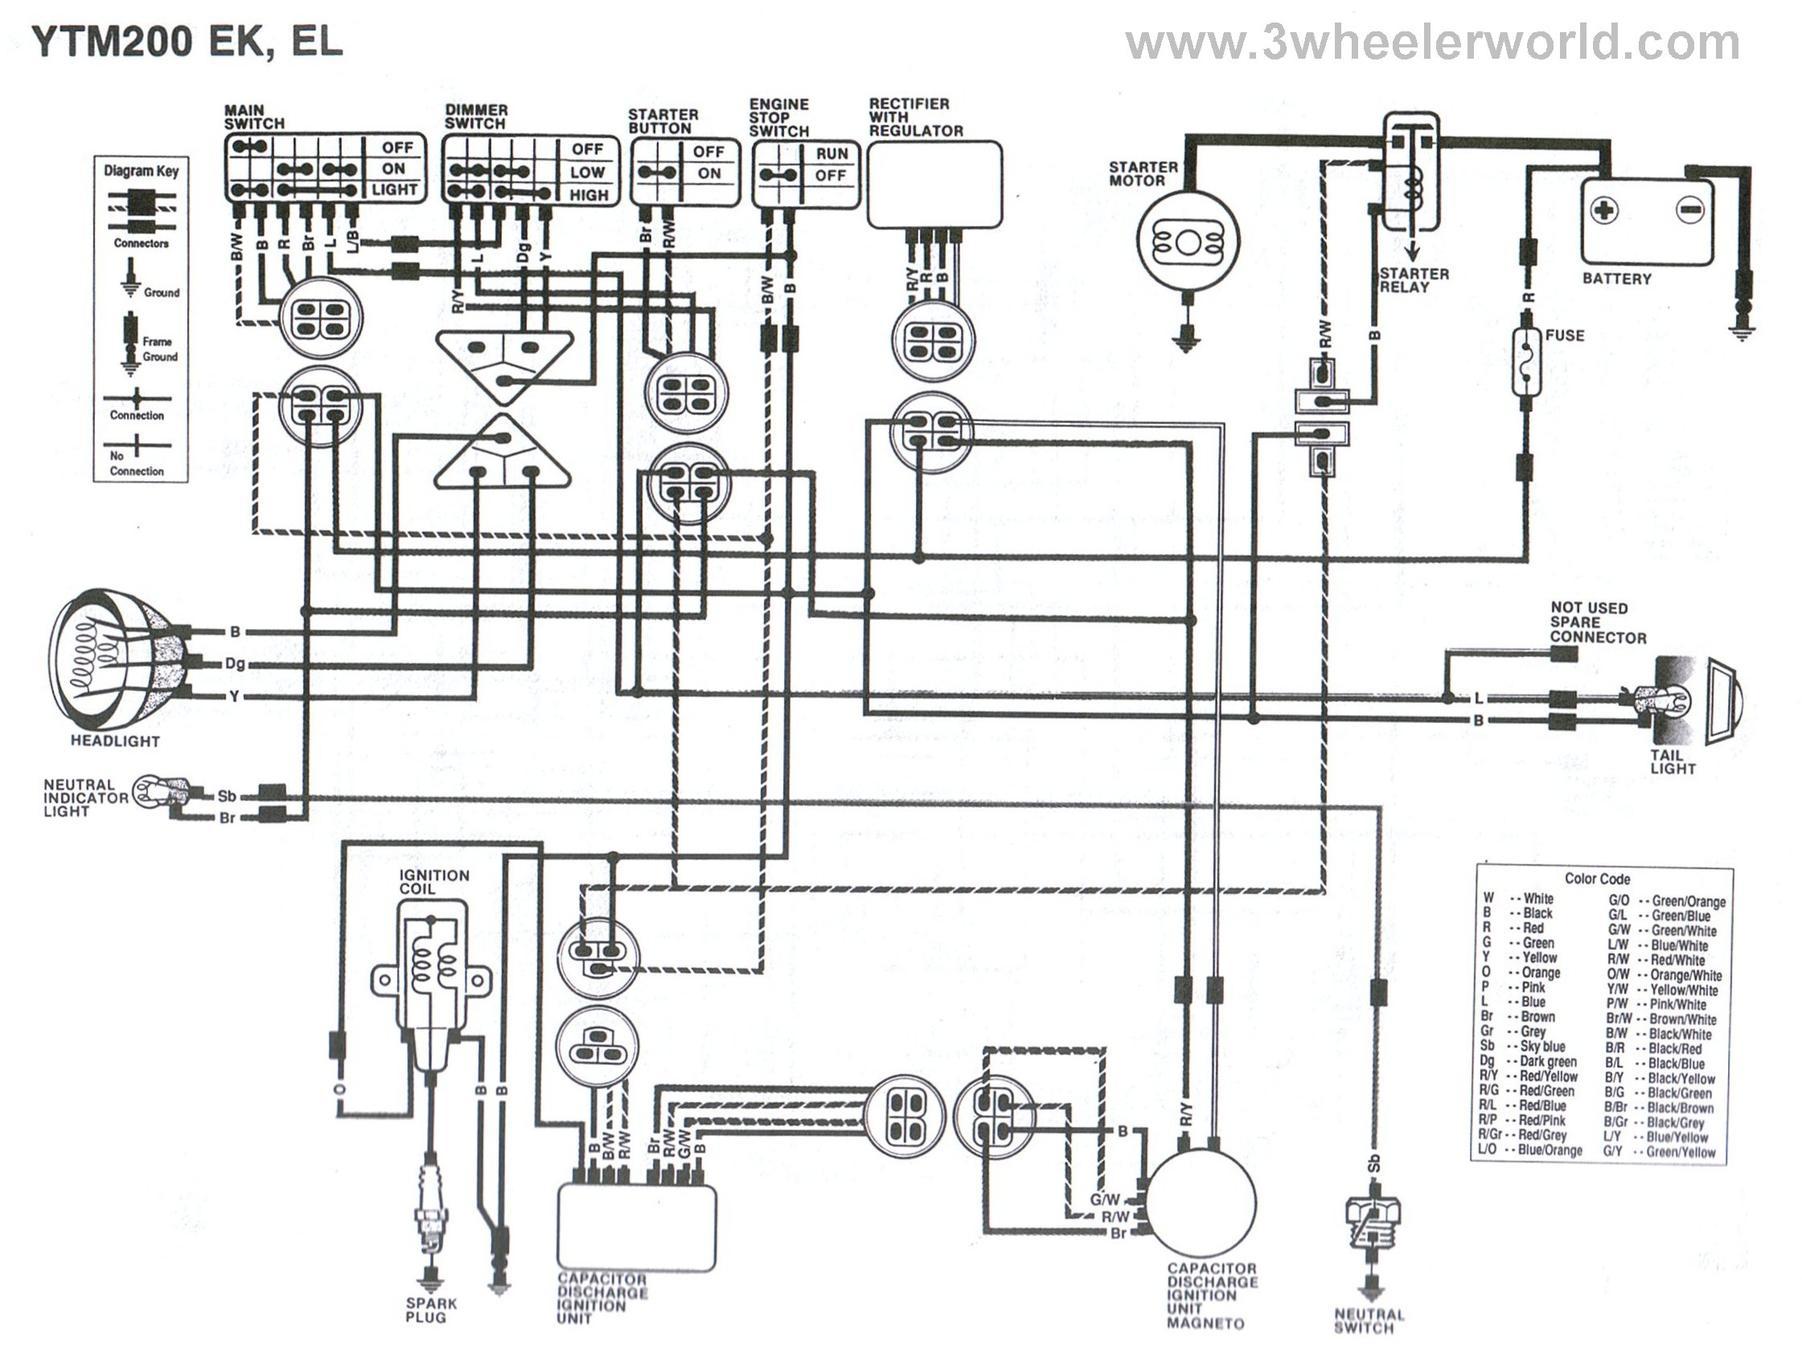 1981 virago 750 wiring diagram wiring diagram yamaha virago 750 diagram image about wiring